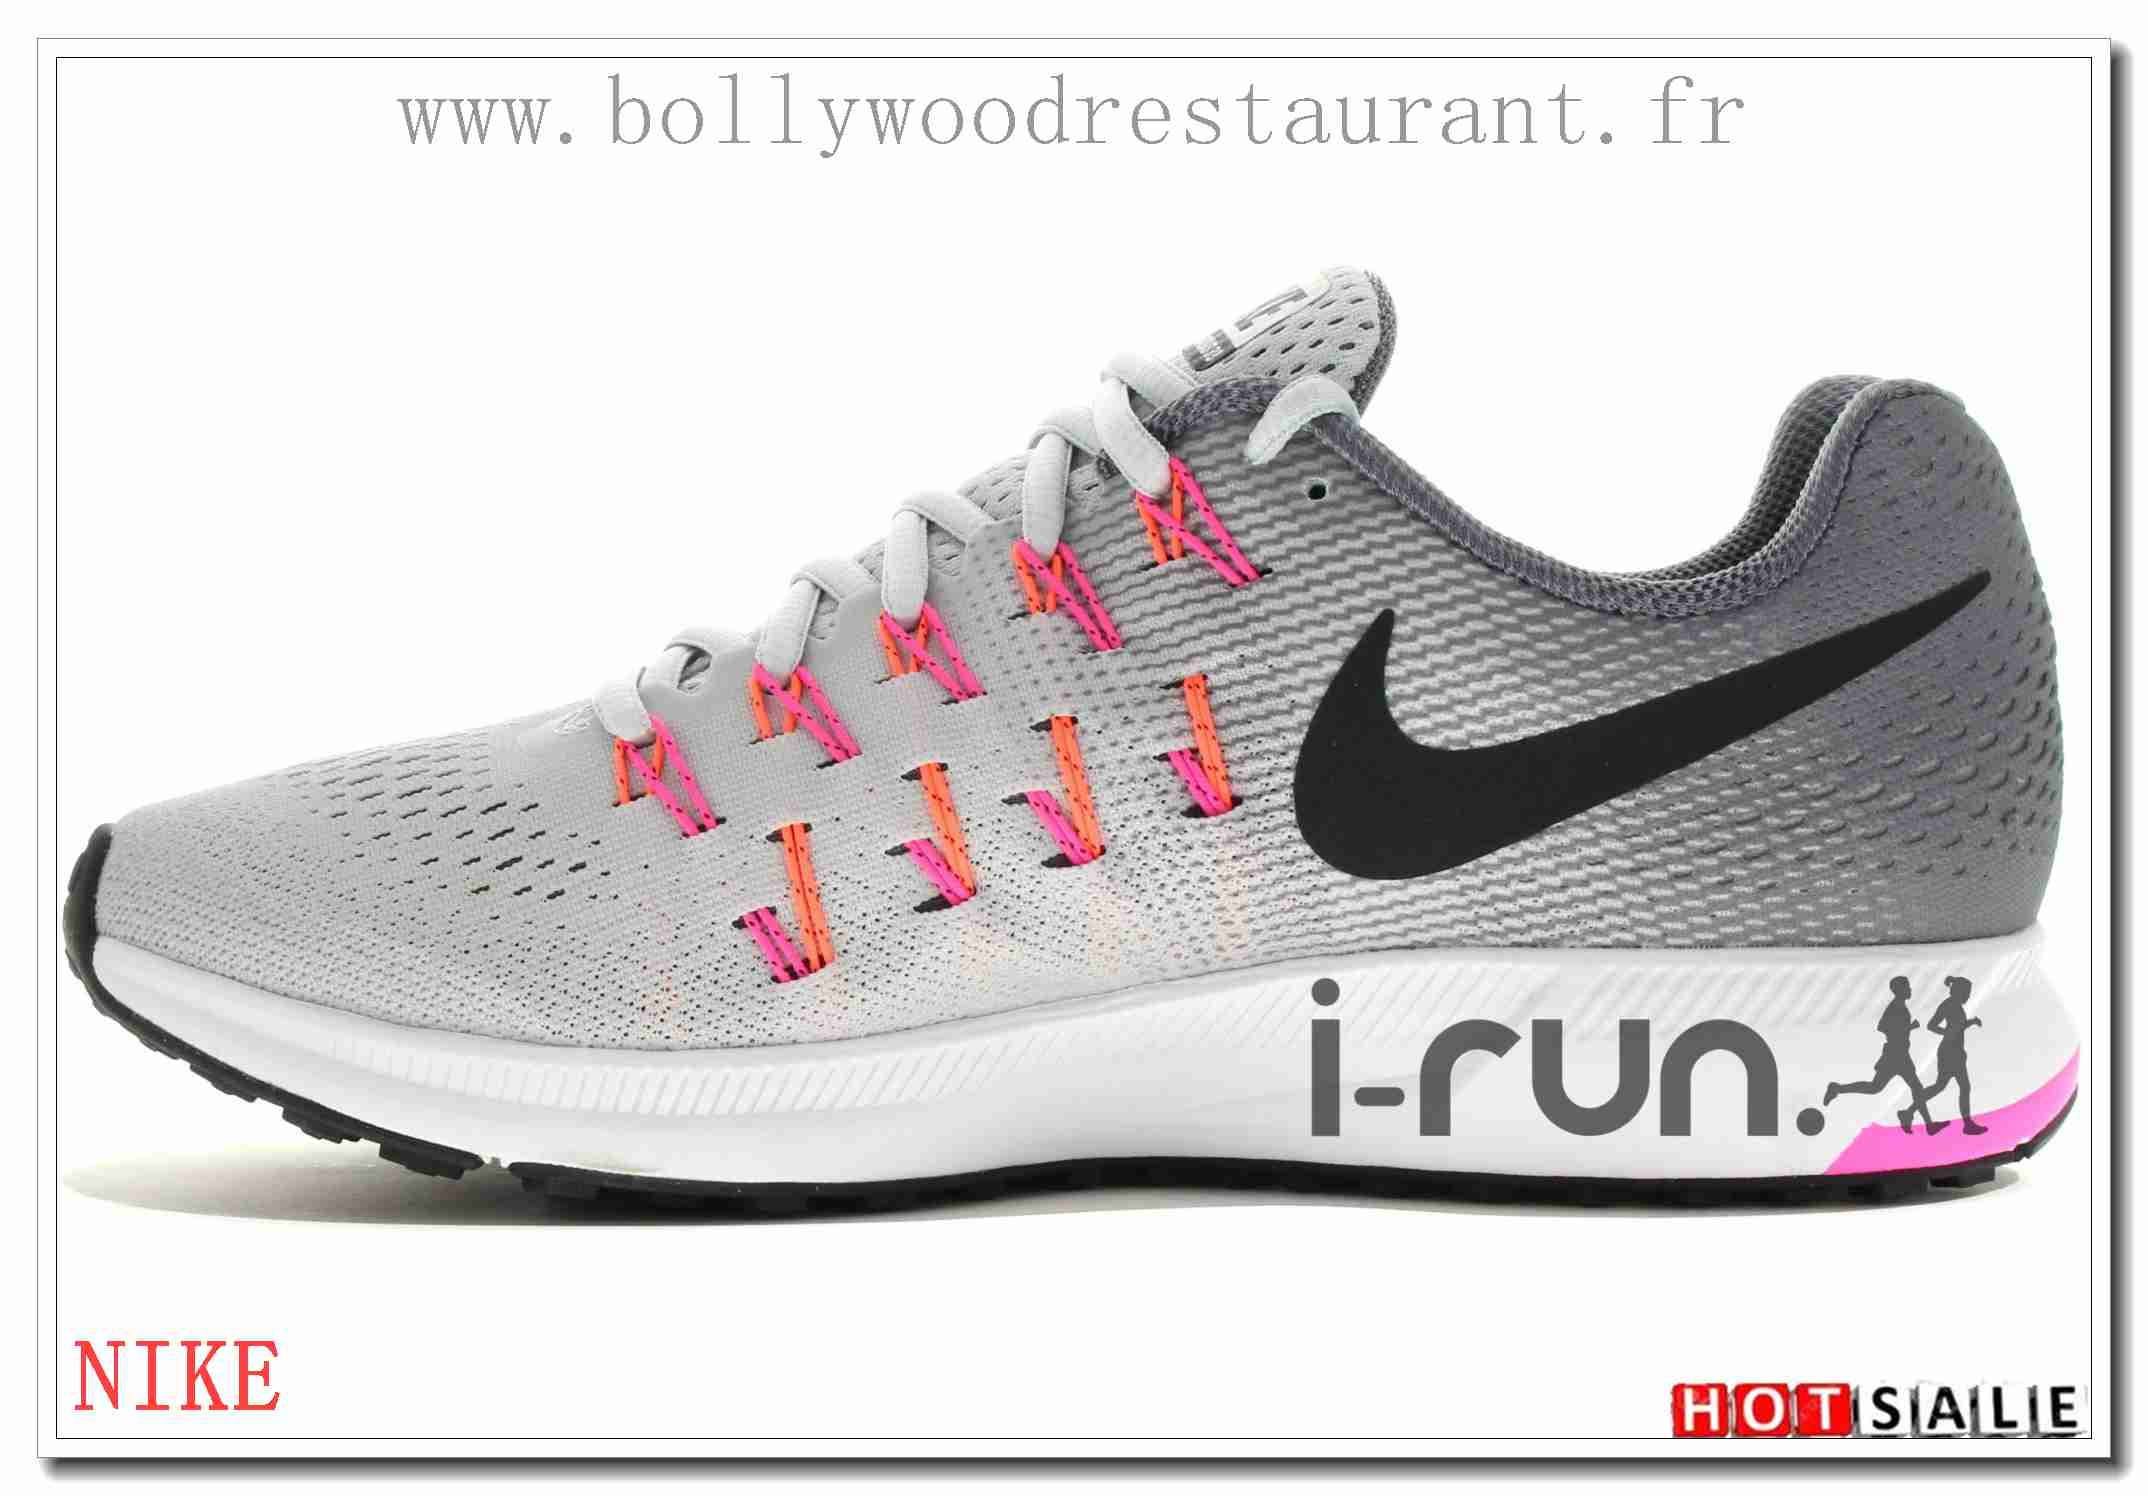 detailed look f6d89 dc2ba CA3230 La Qualité 2018 Nouveau style Nike Air Zoom Pegasus 33 - Femme  Chaussures - Soldes